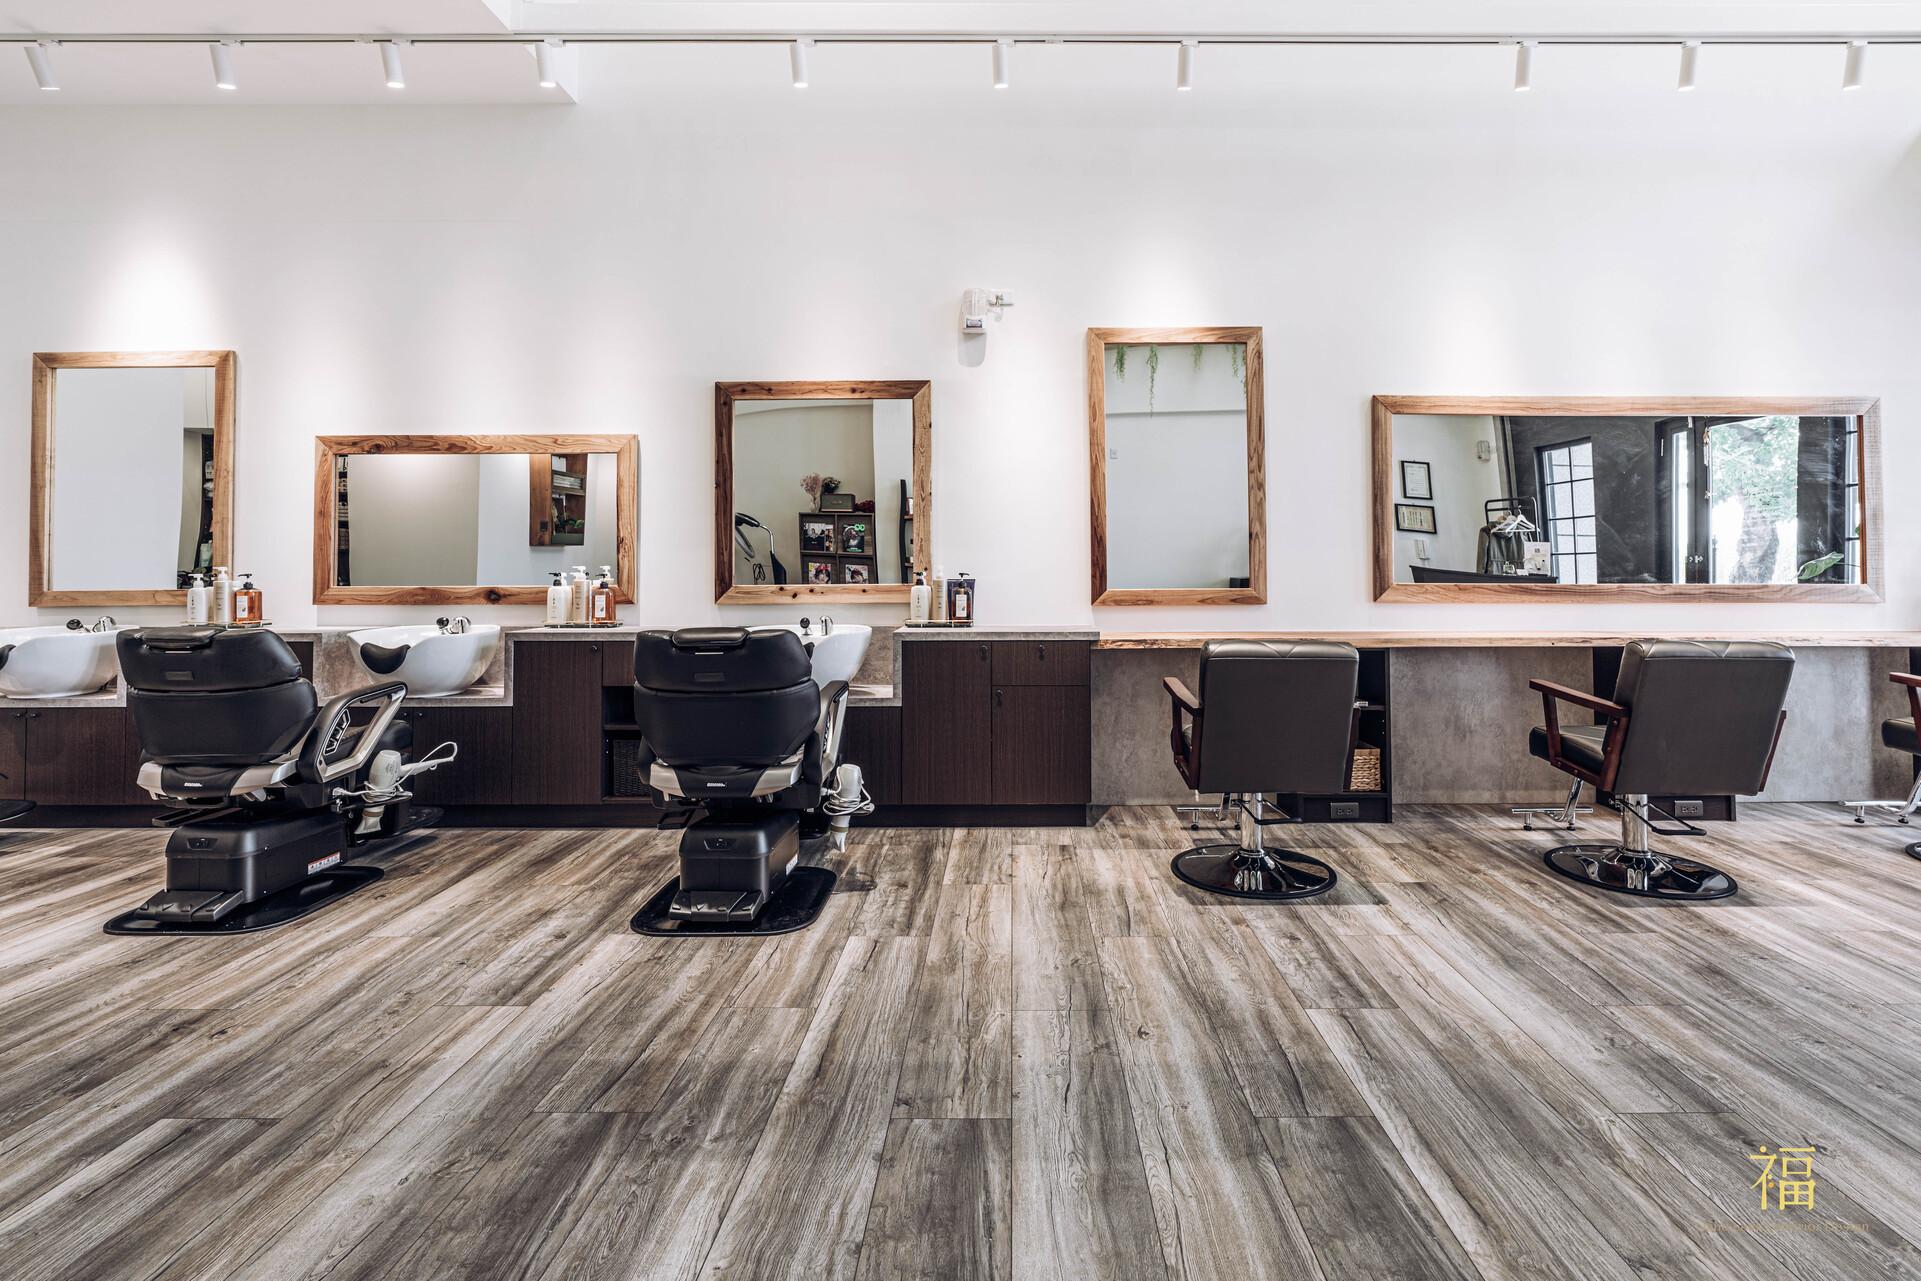 04嘉義太保日系髮廊lislushairsalonstory-美髮工作區|小福砌商業美髮沙龍空間設計